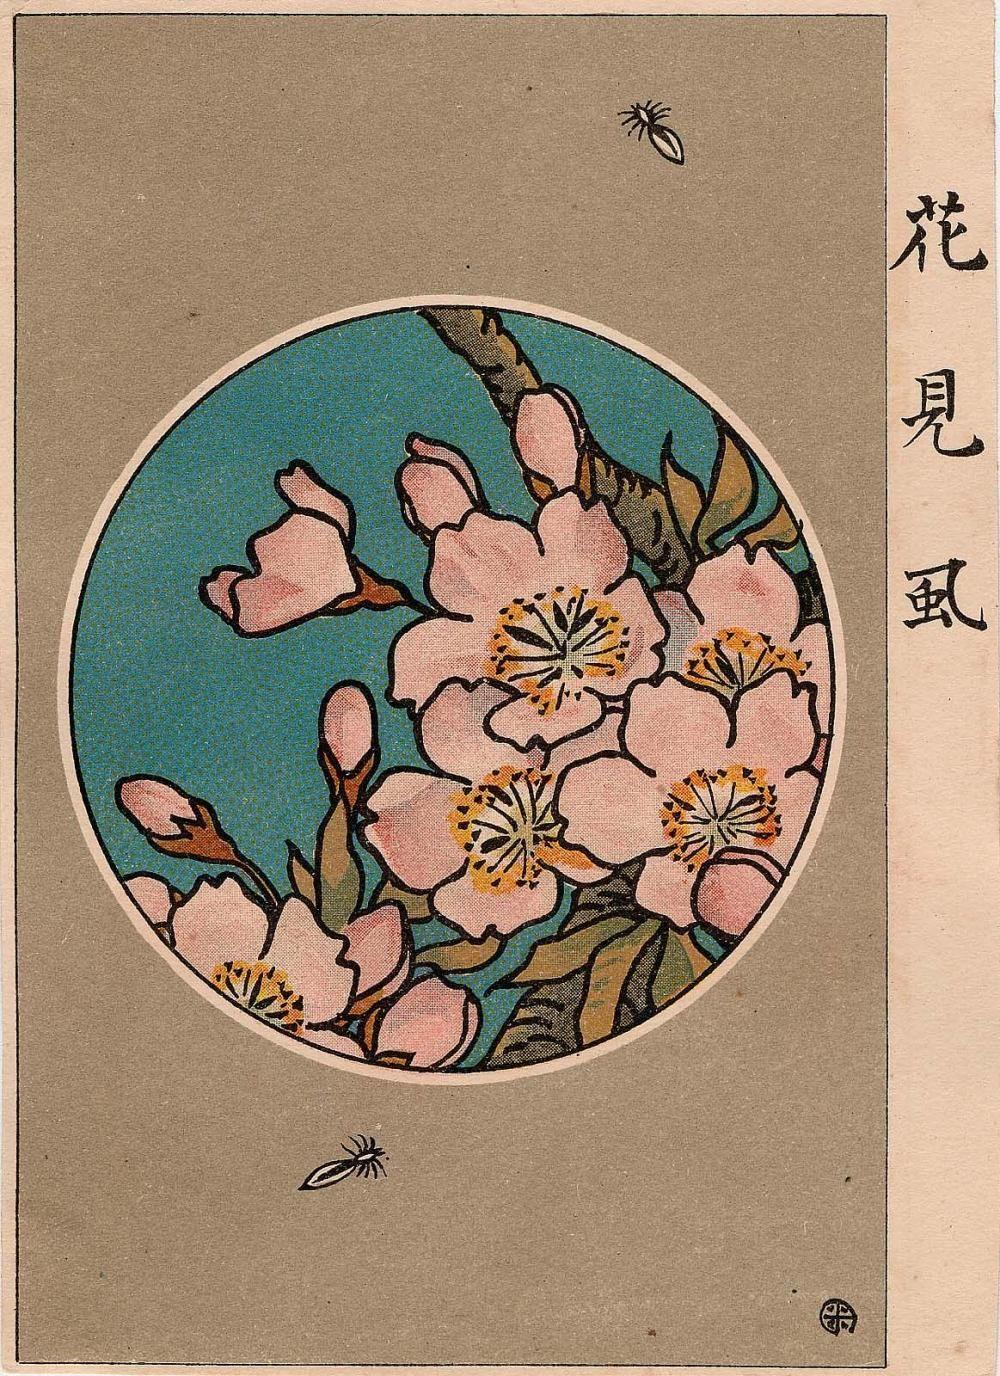 Flower Lice Hanami Jirami From Ehagaki Sekai Hanami Japanese Prints Japanese Art